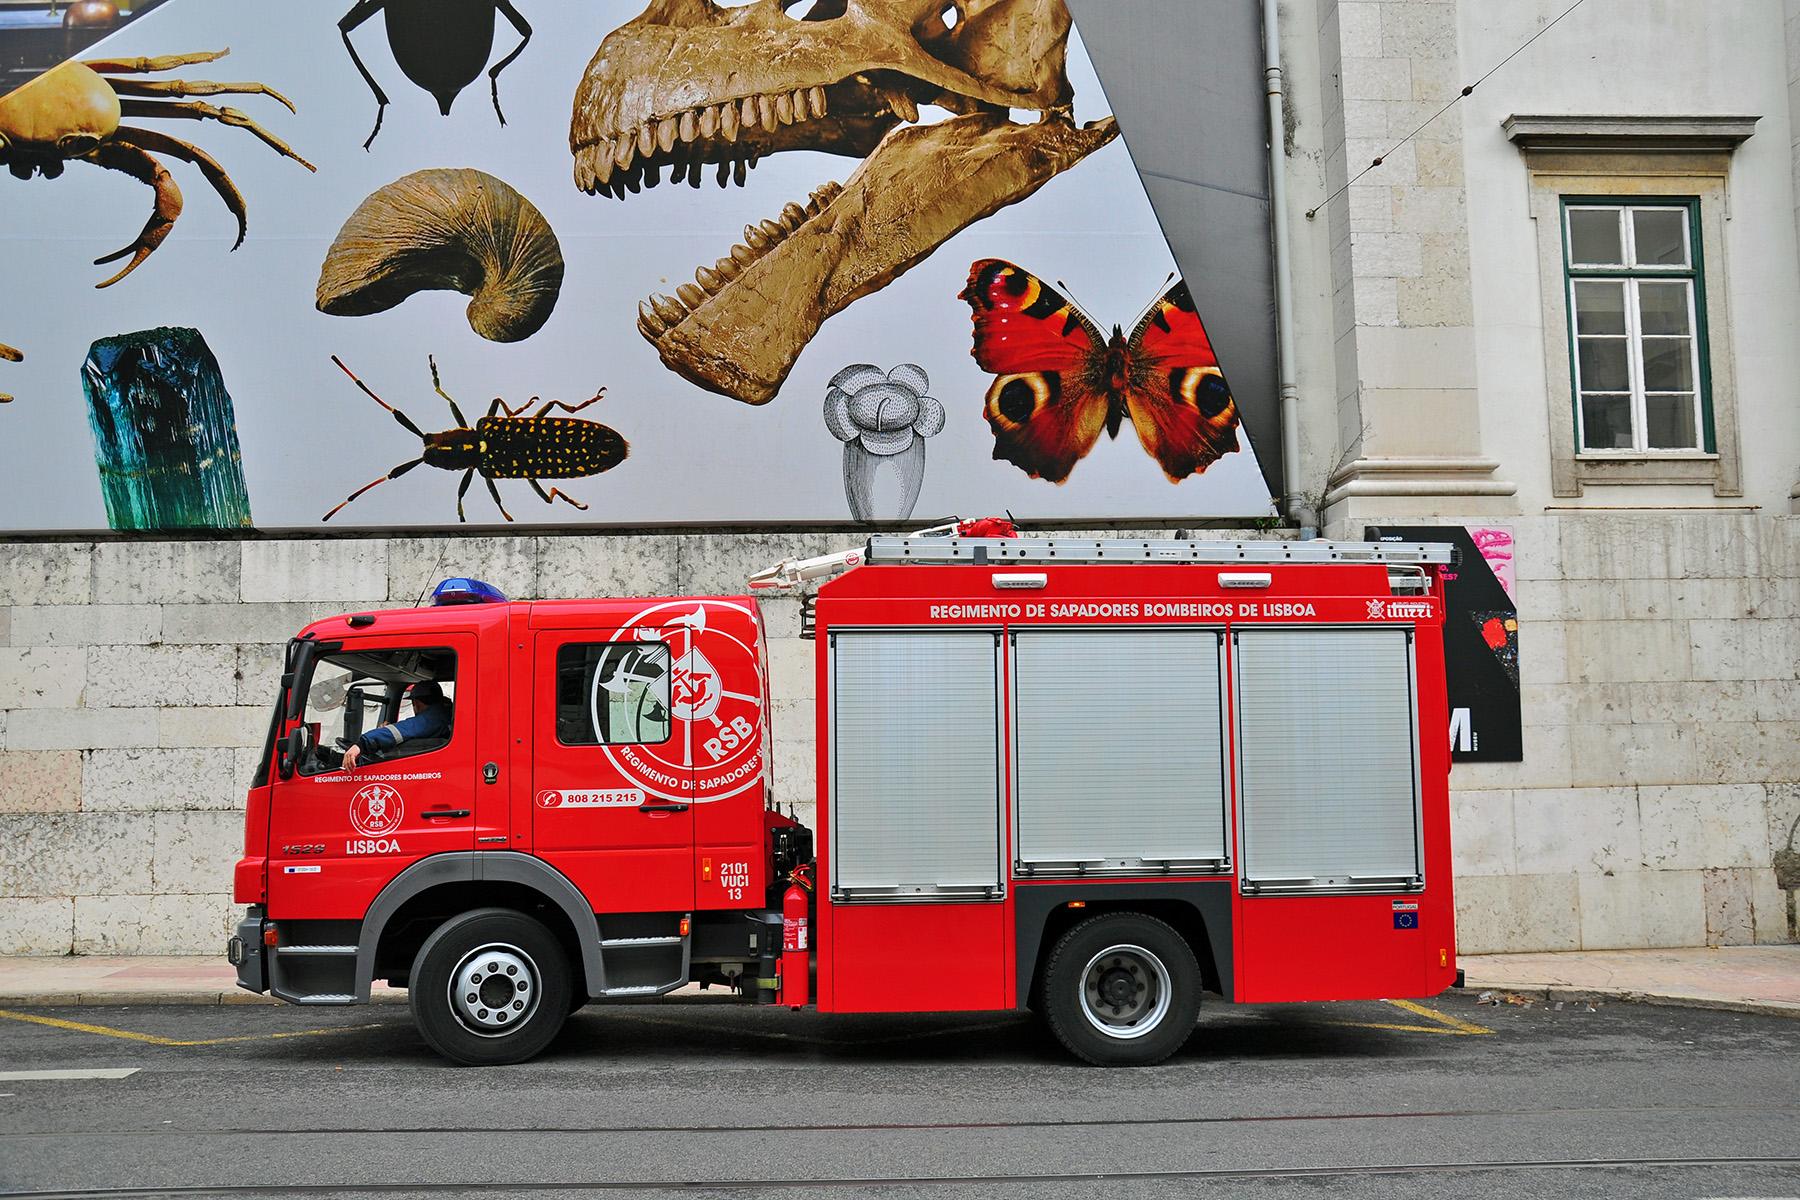 Fire truck in Lisbon